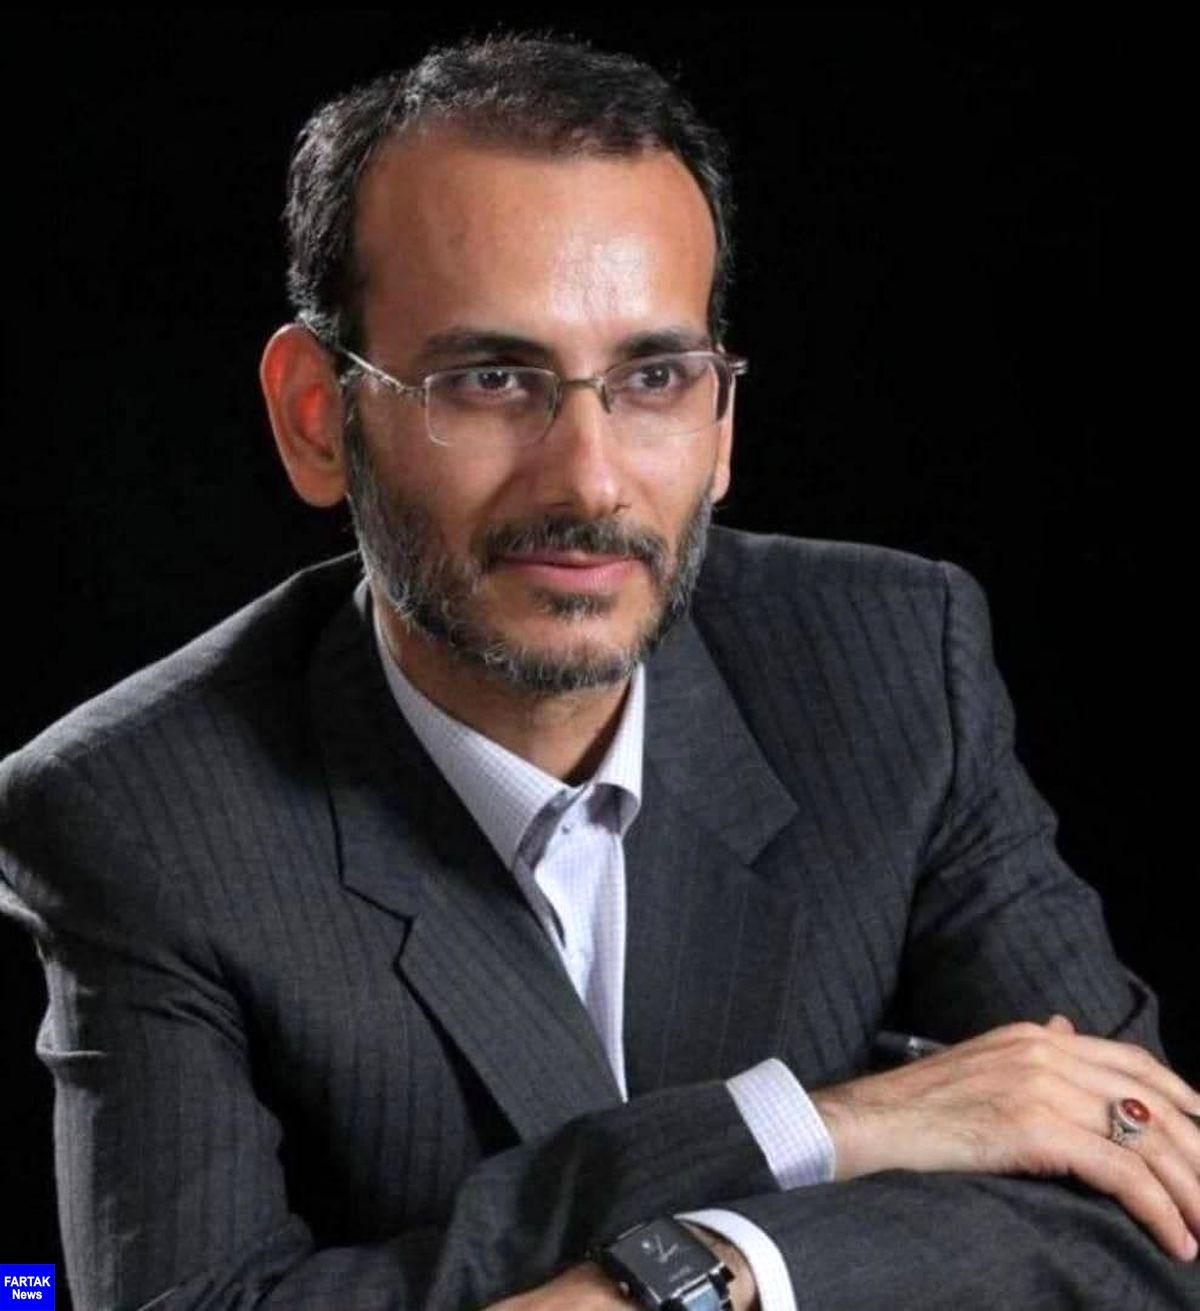 سرپرست معاونت مالی و اقتصادی شهرداری کرمانشاه منصوب شد